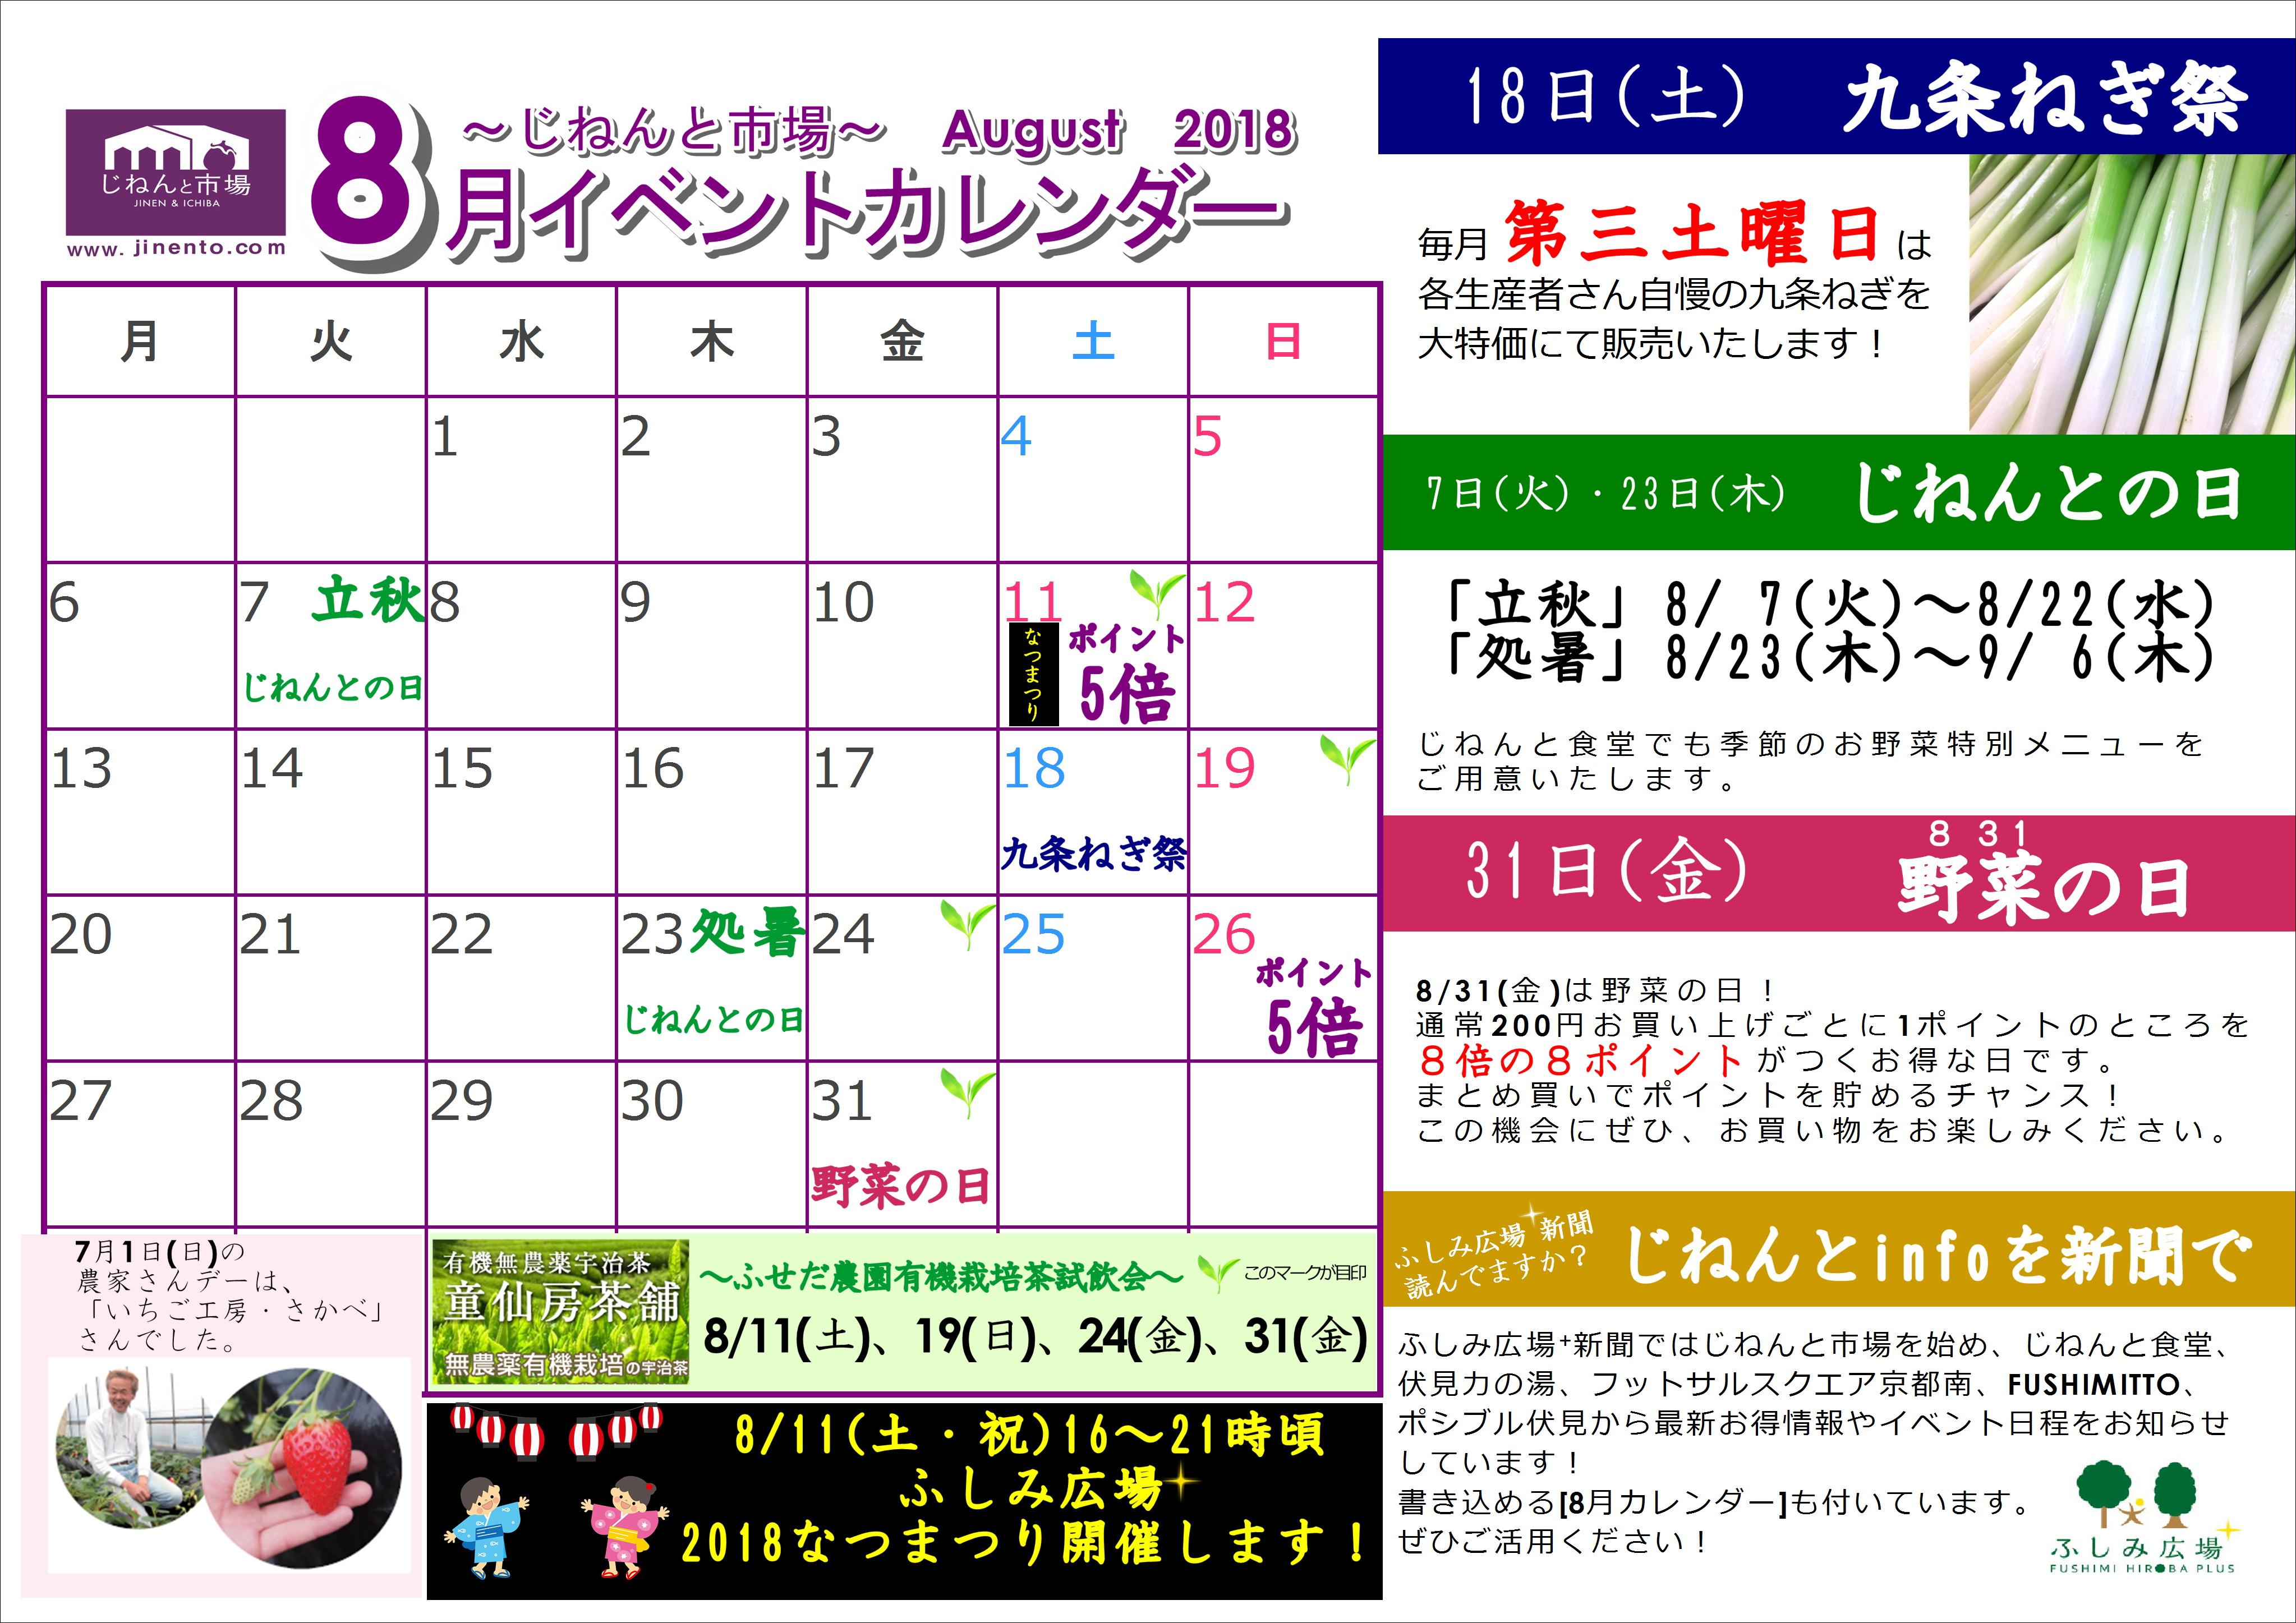 2018年8月 イベントカレンダー